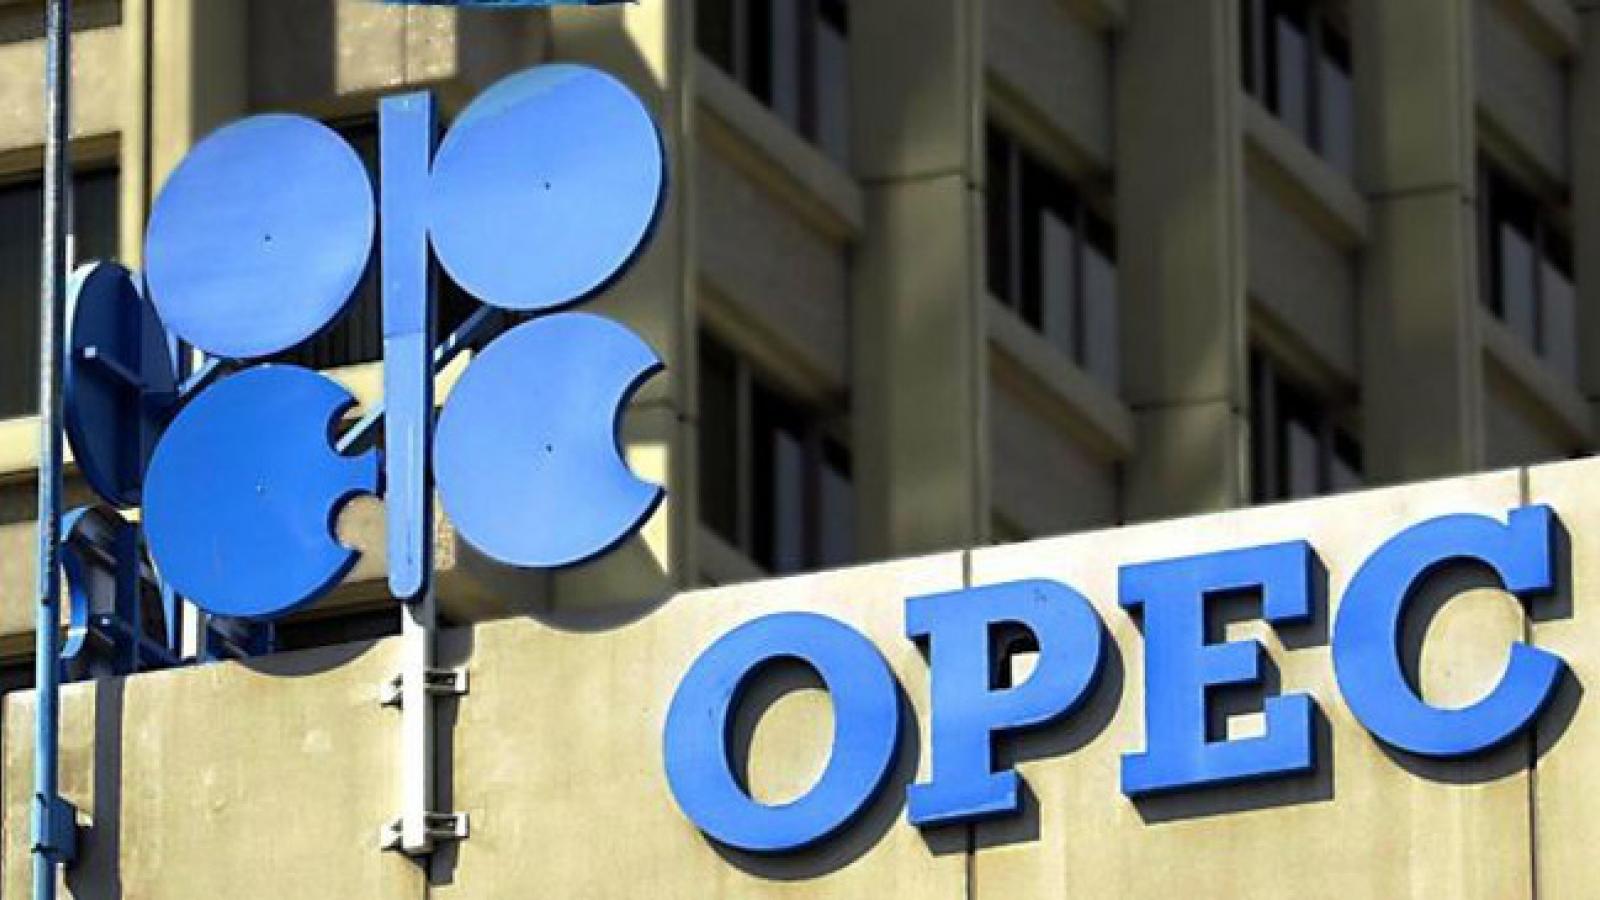 OPEC+ nối lại thảo luận về sản lượng khai thác dầu mỏ để giảm nhiệt giá dầu đang tăng